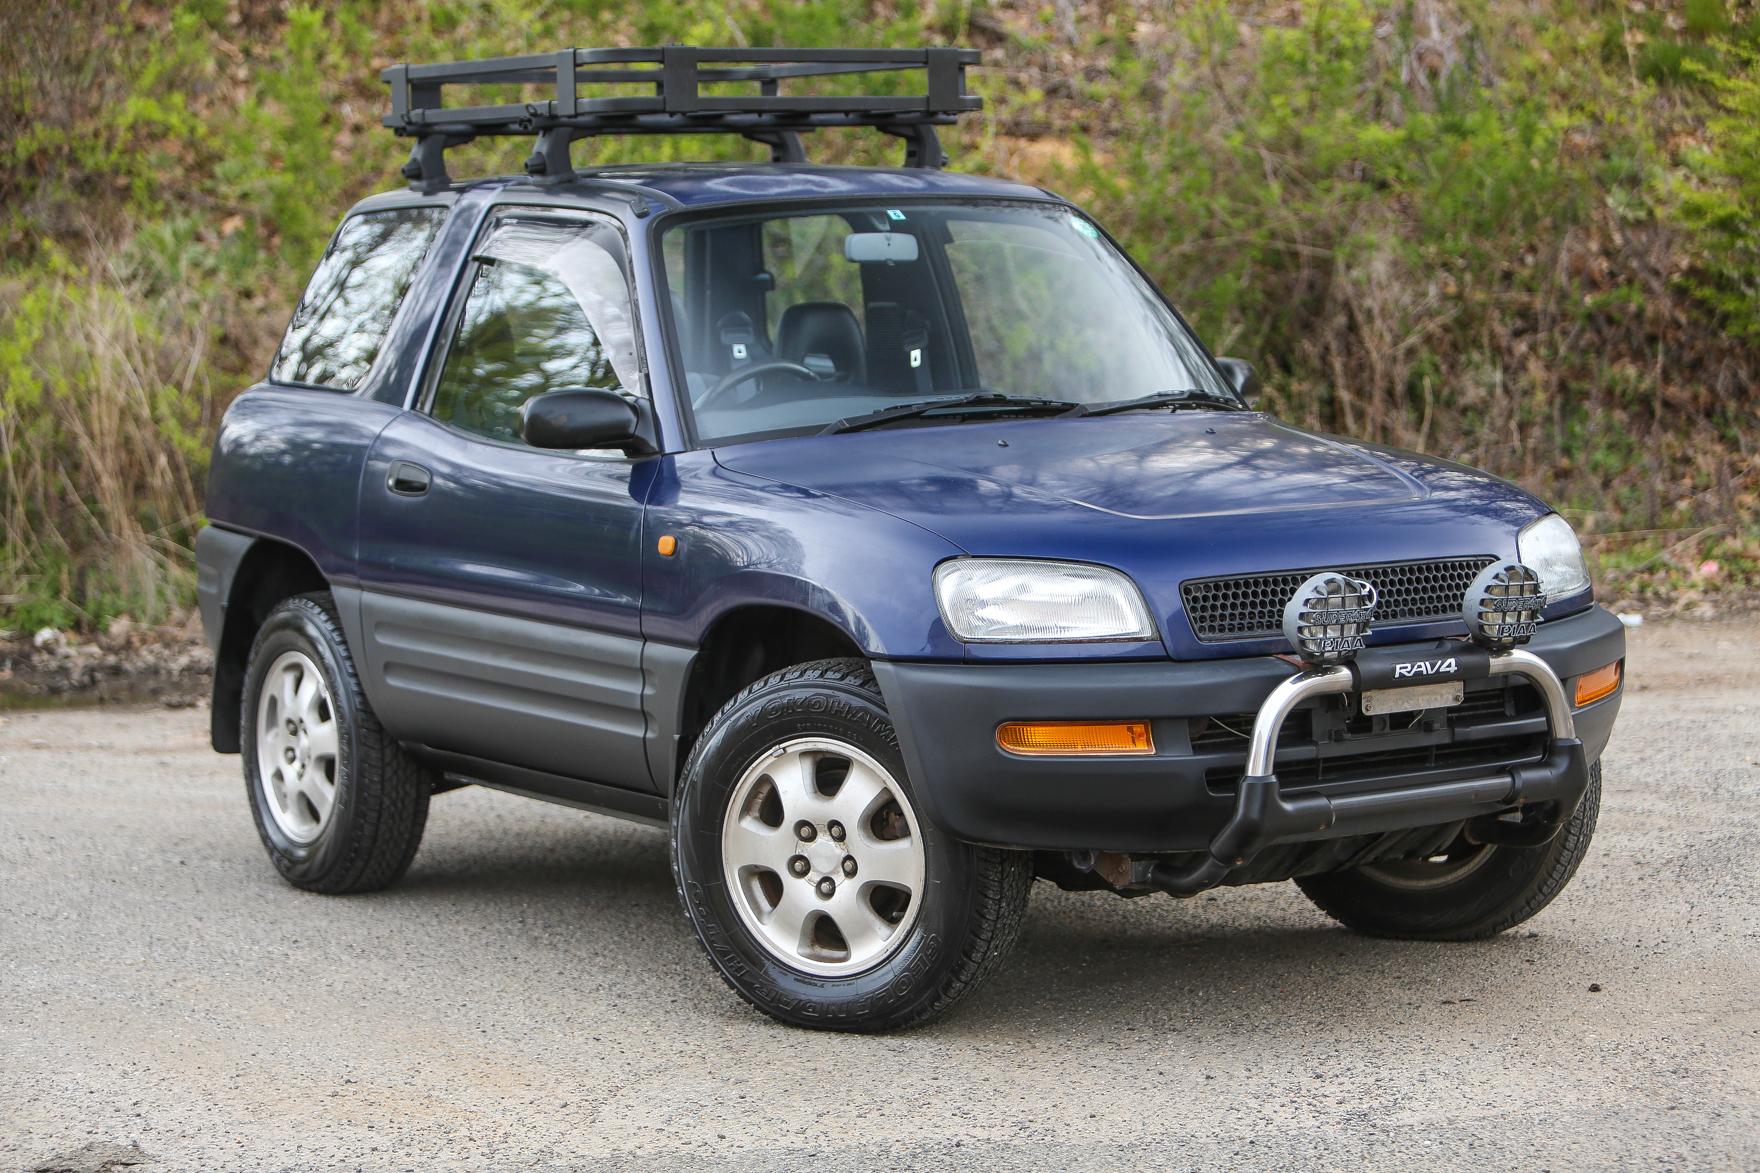 1994 Toyota Rav4 - $7,950